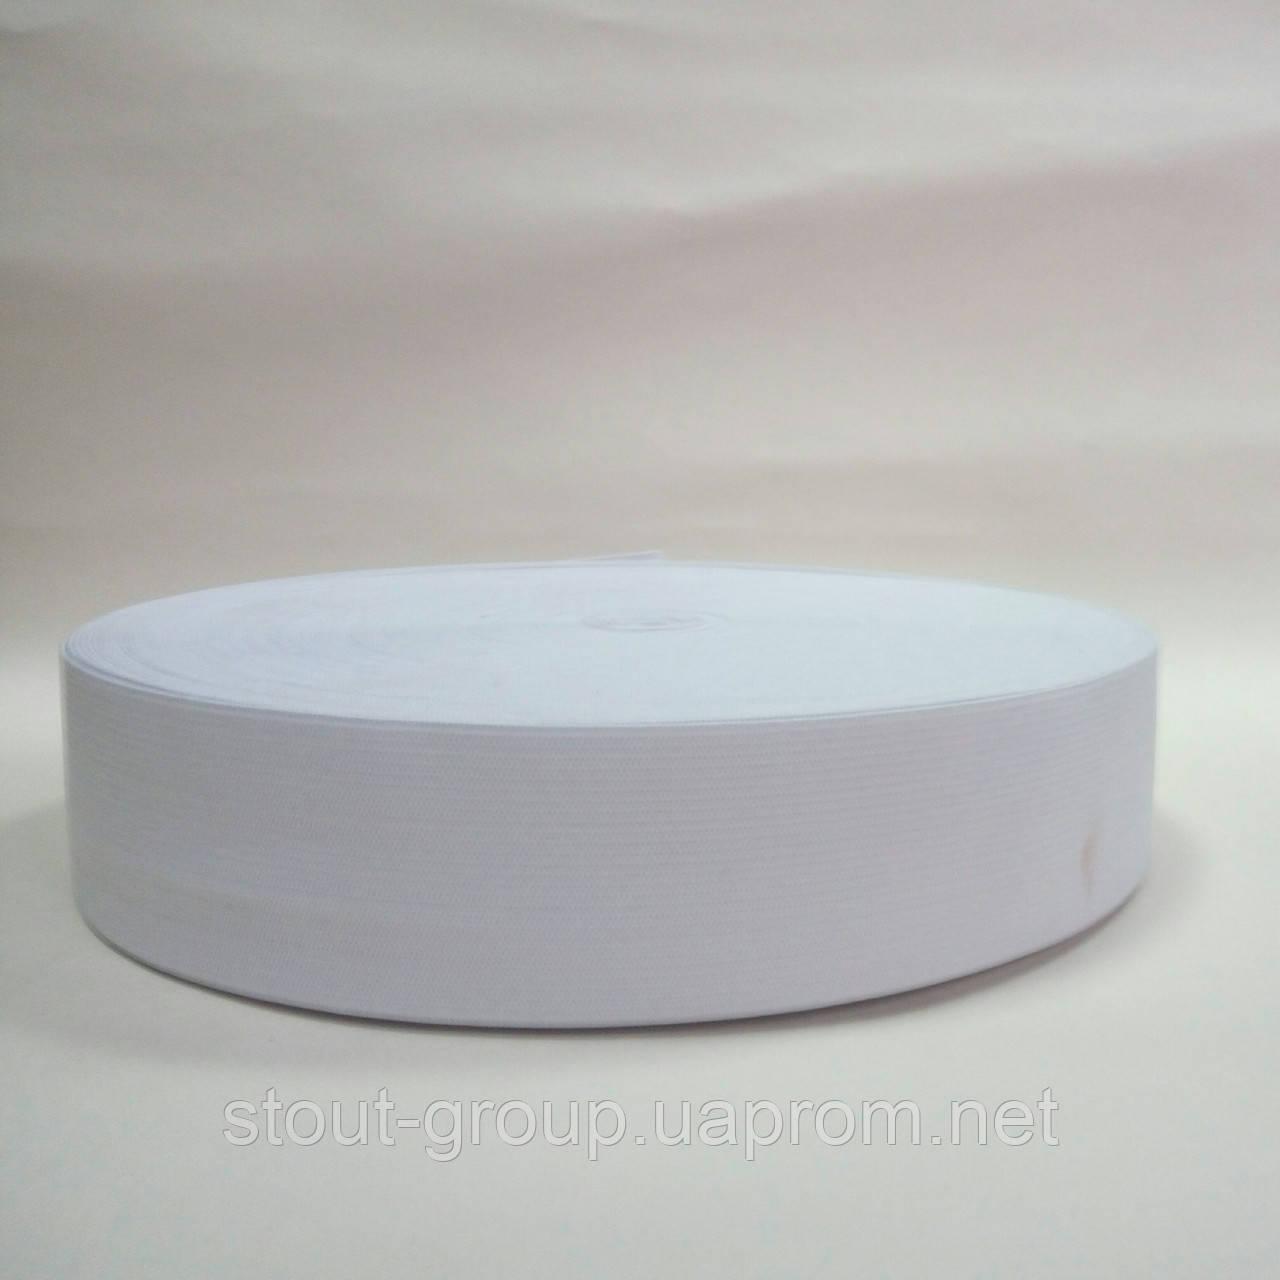 Эластичная лента 40 мм, белая